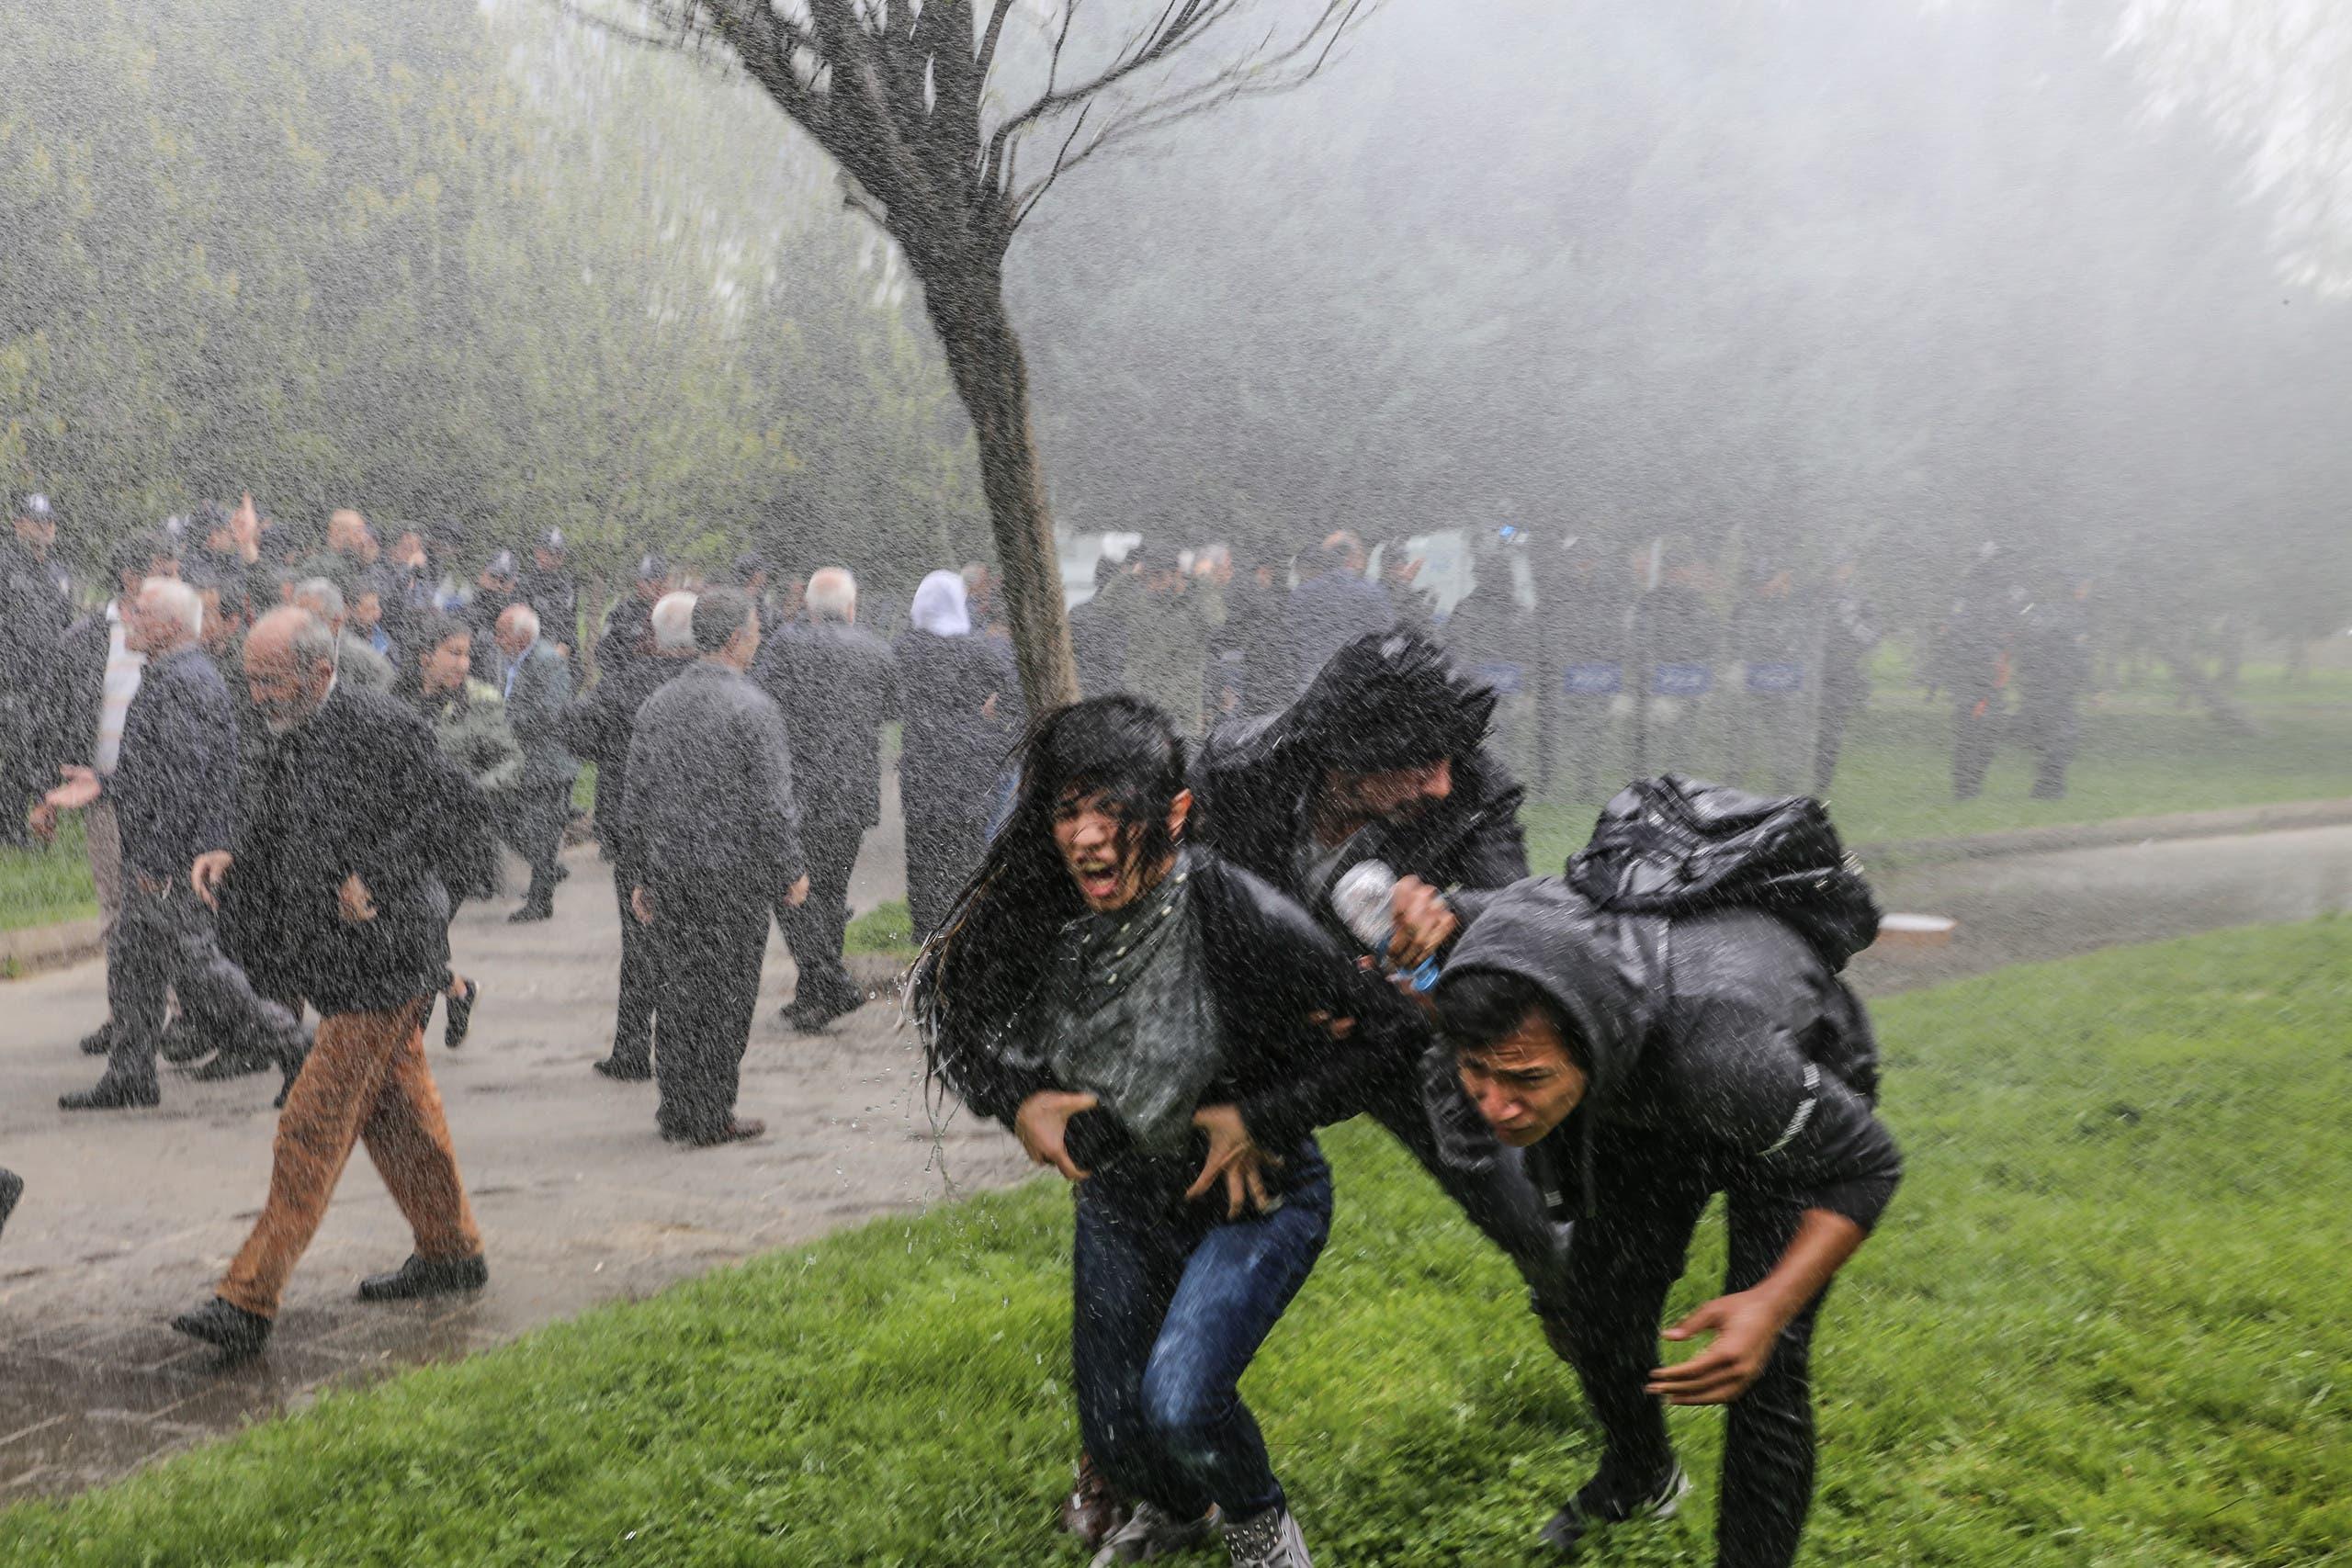 الشرطة التركية تفرق تظاهرة متضامنة مع الأكراد في ديار بكر(فرانس برس- أرشيفية)